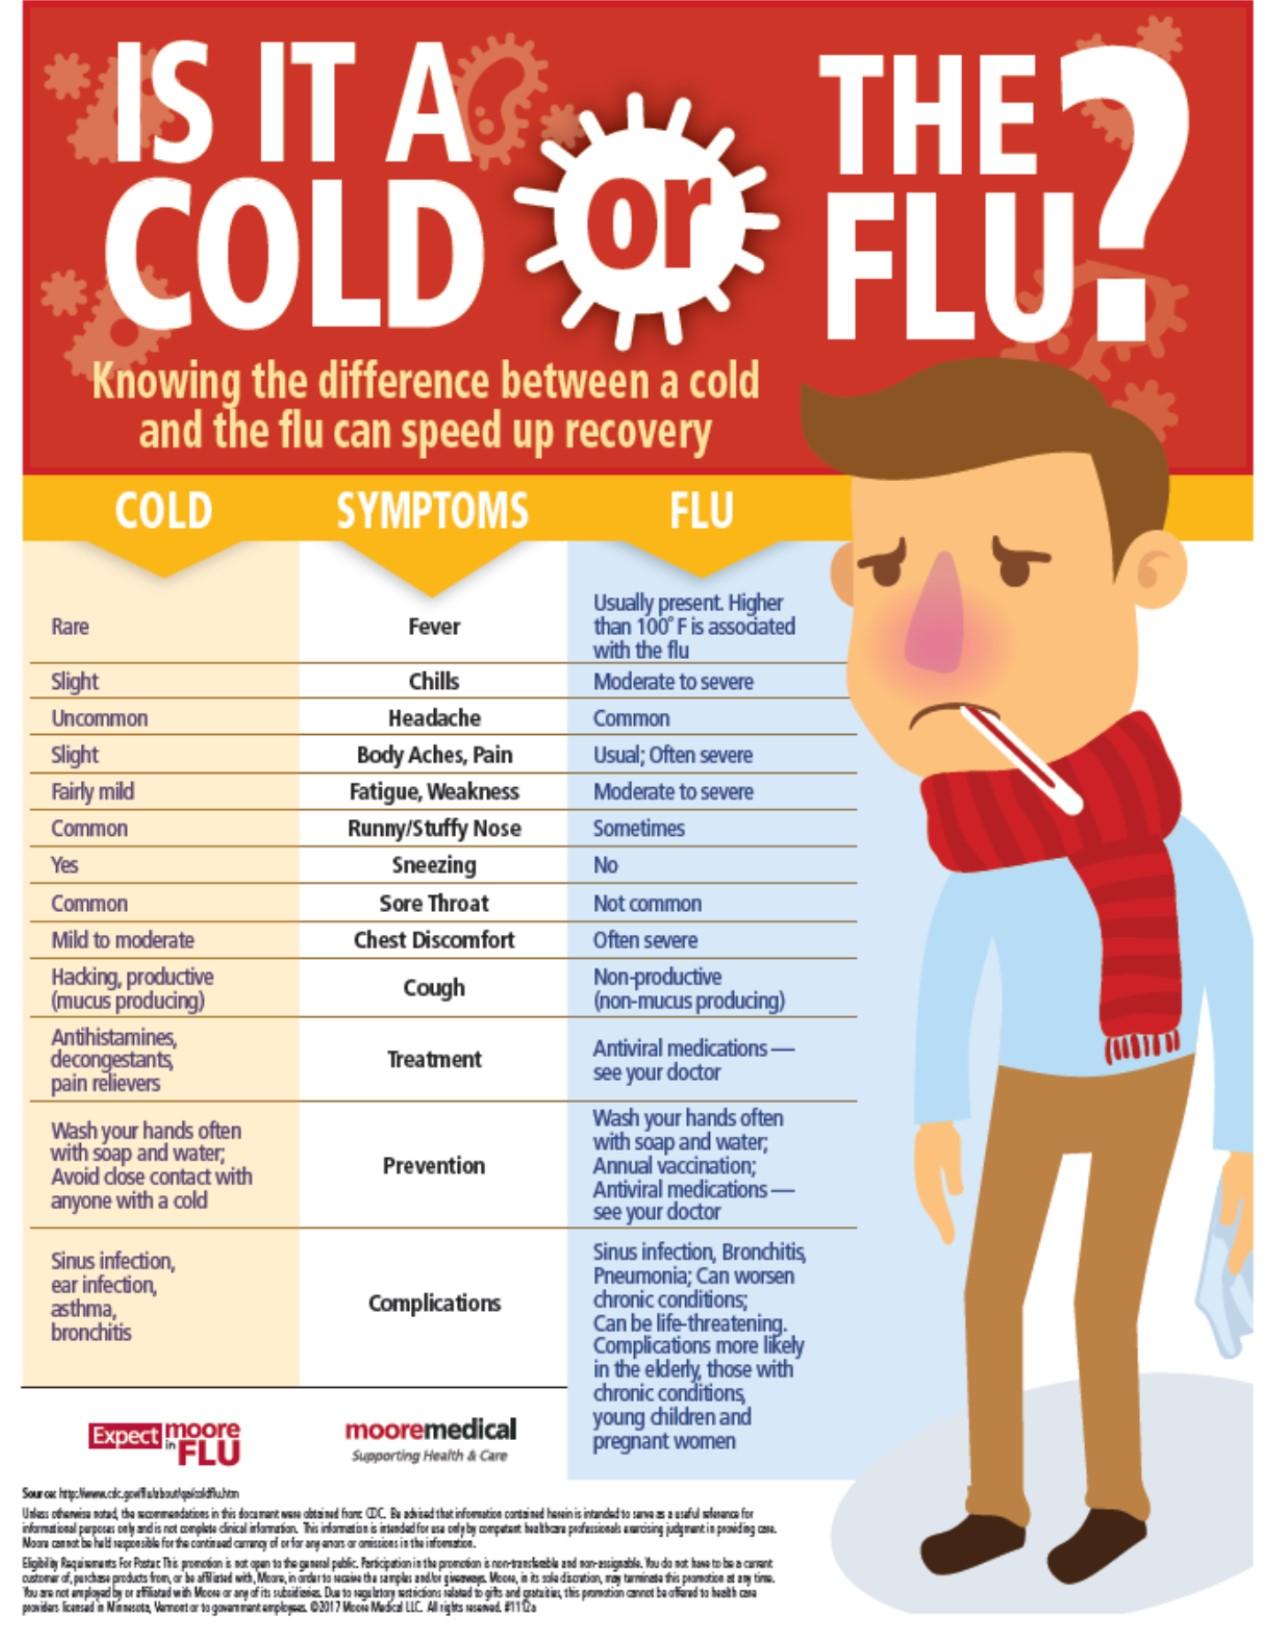 Stay healthy this flu season | My Basin